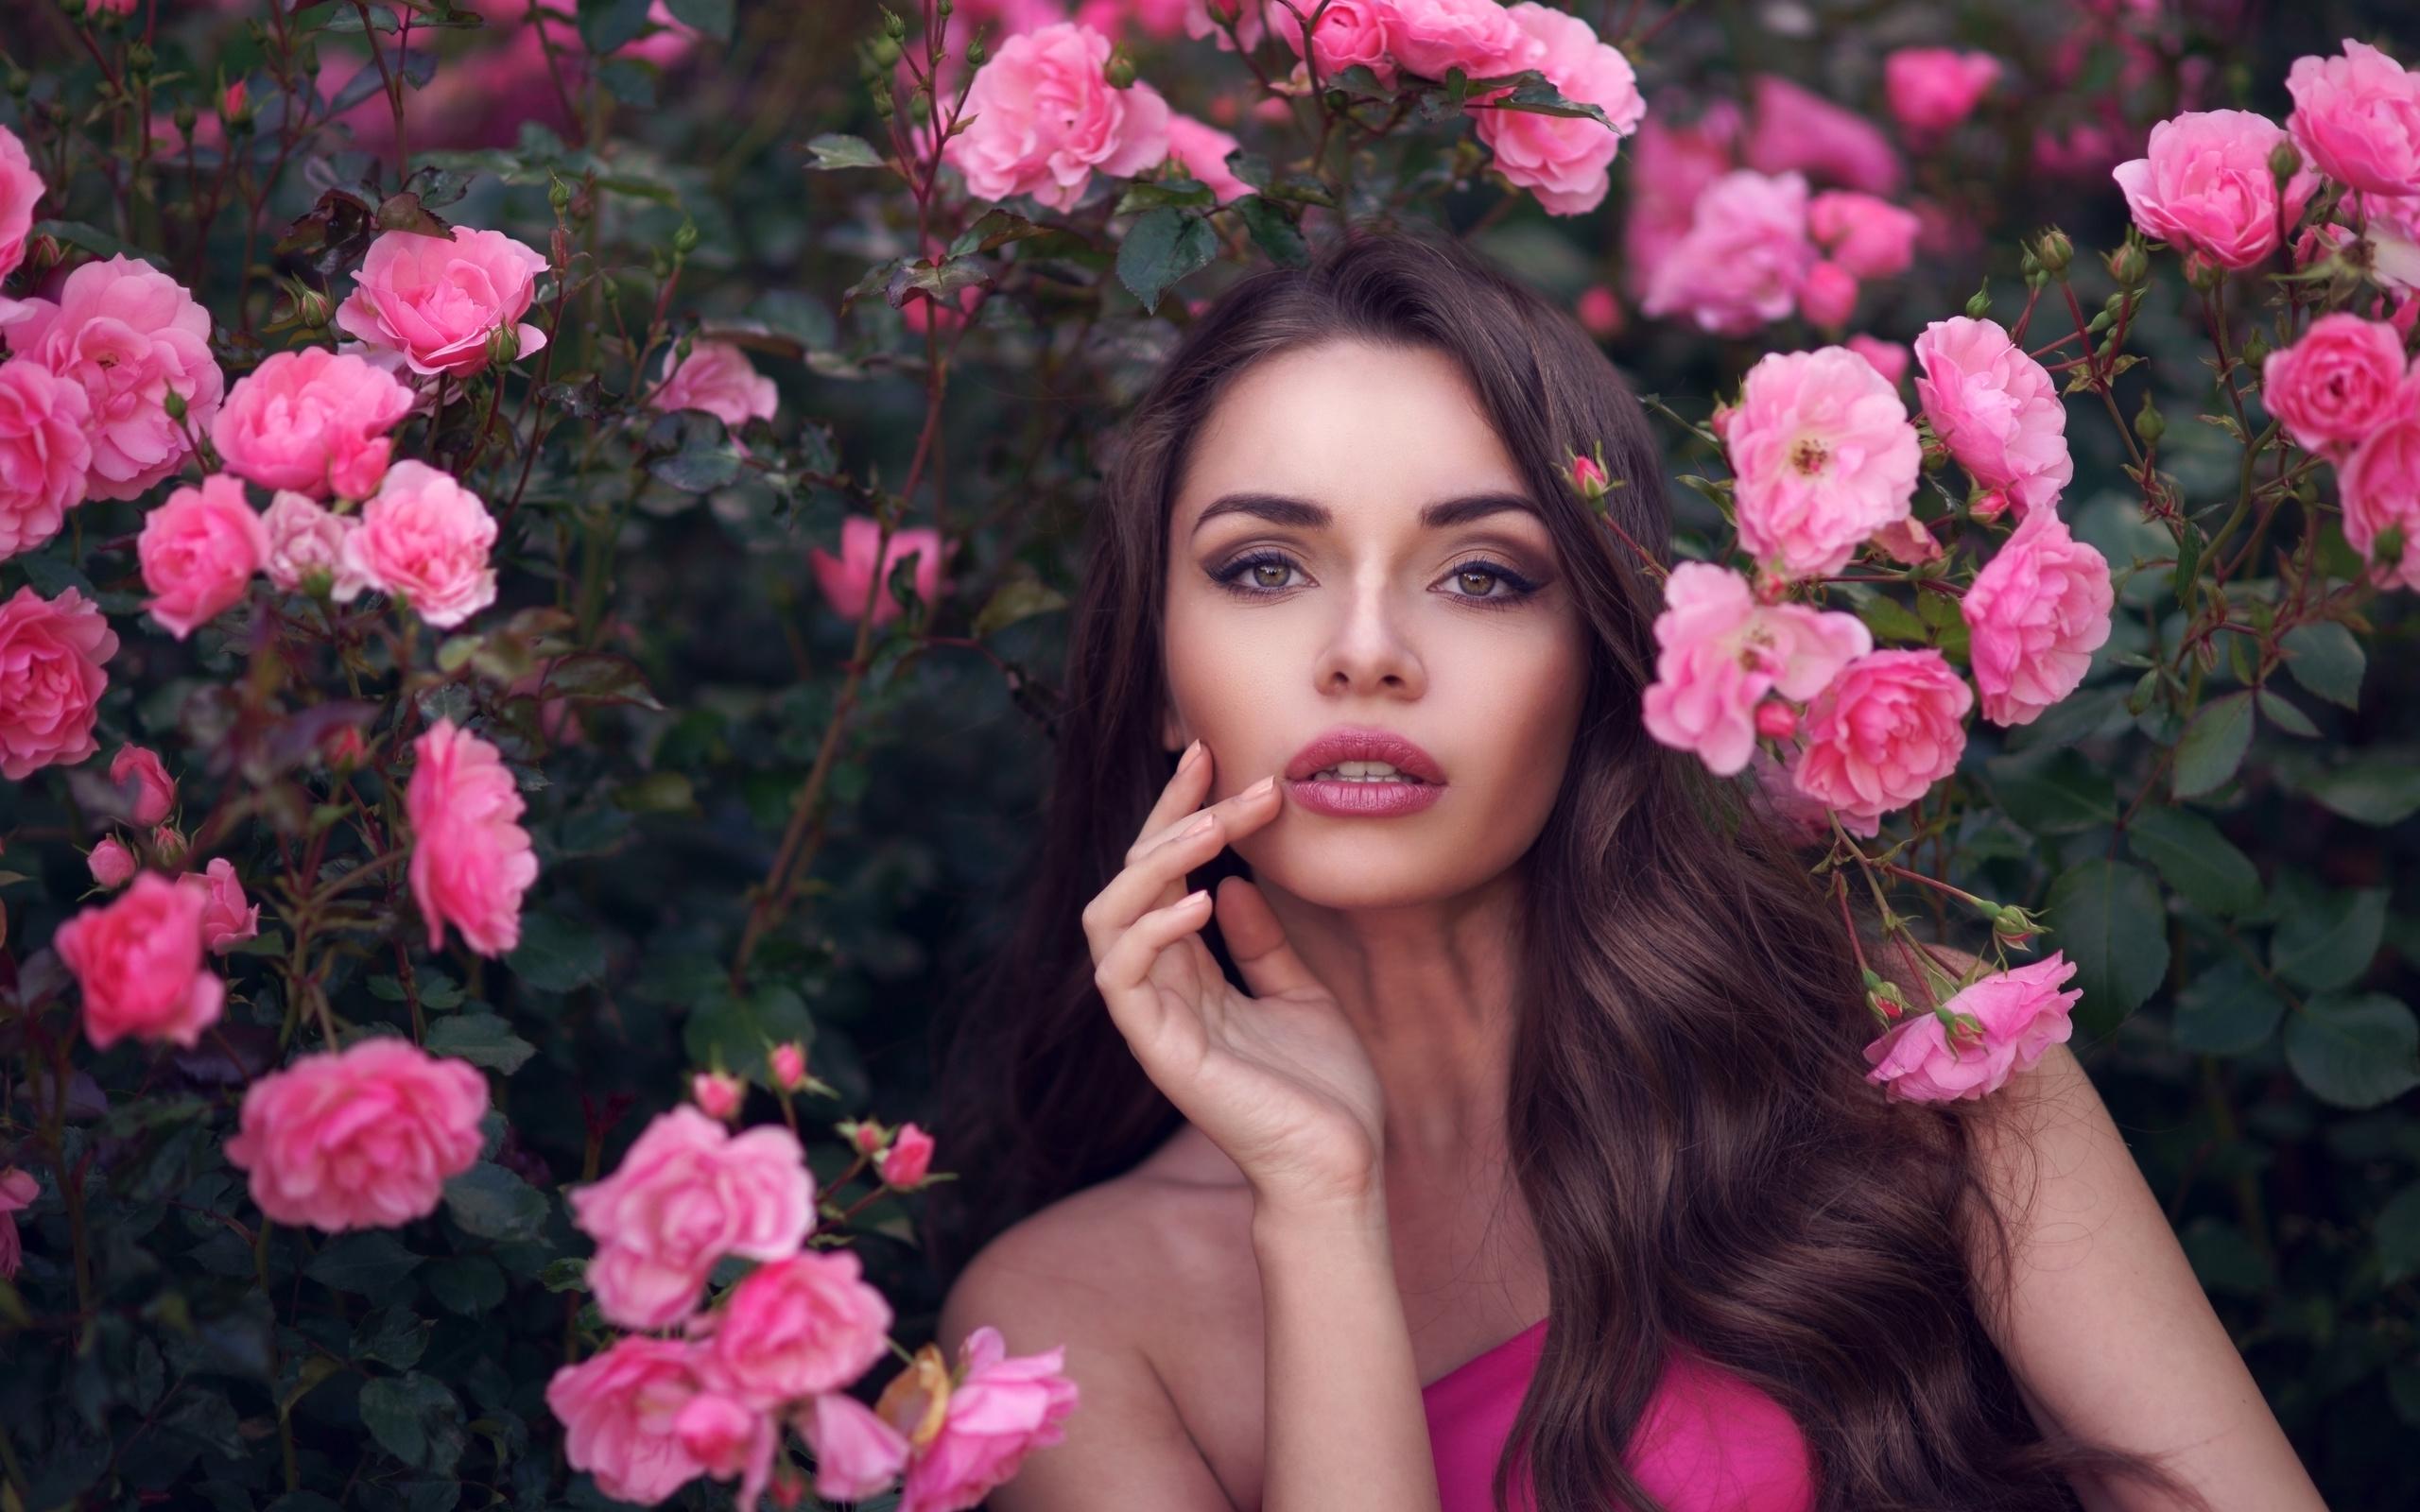 Картинка девушка с цветком на лице, рэперские надписью